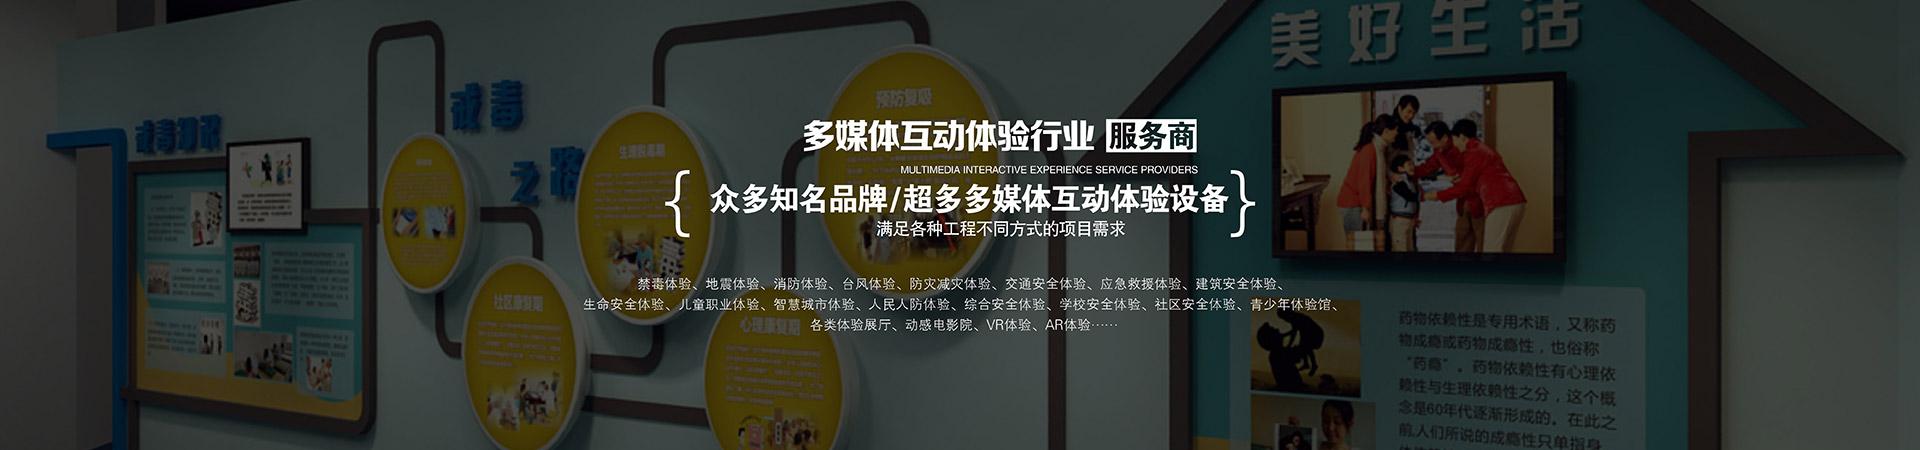 安全体验台风馆设计图安全体验展厅球幕系统安全体验红绿灯过斑马线体验安全体验青少年科技馆安全体验VR虚拟现实主题公园